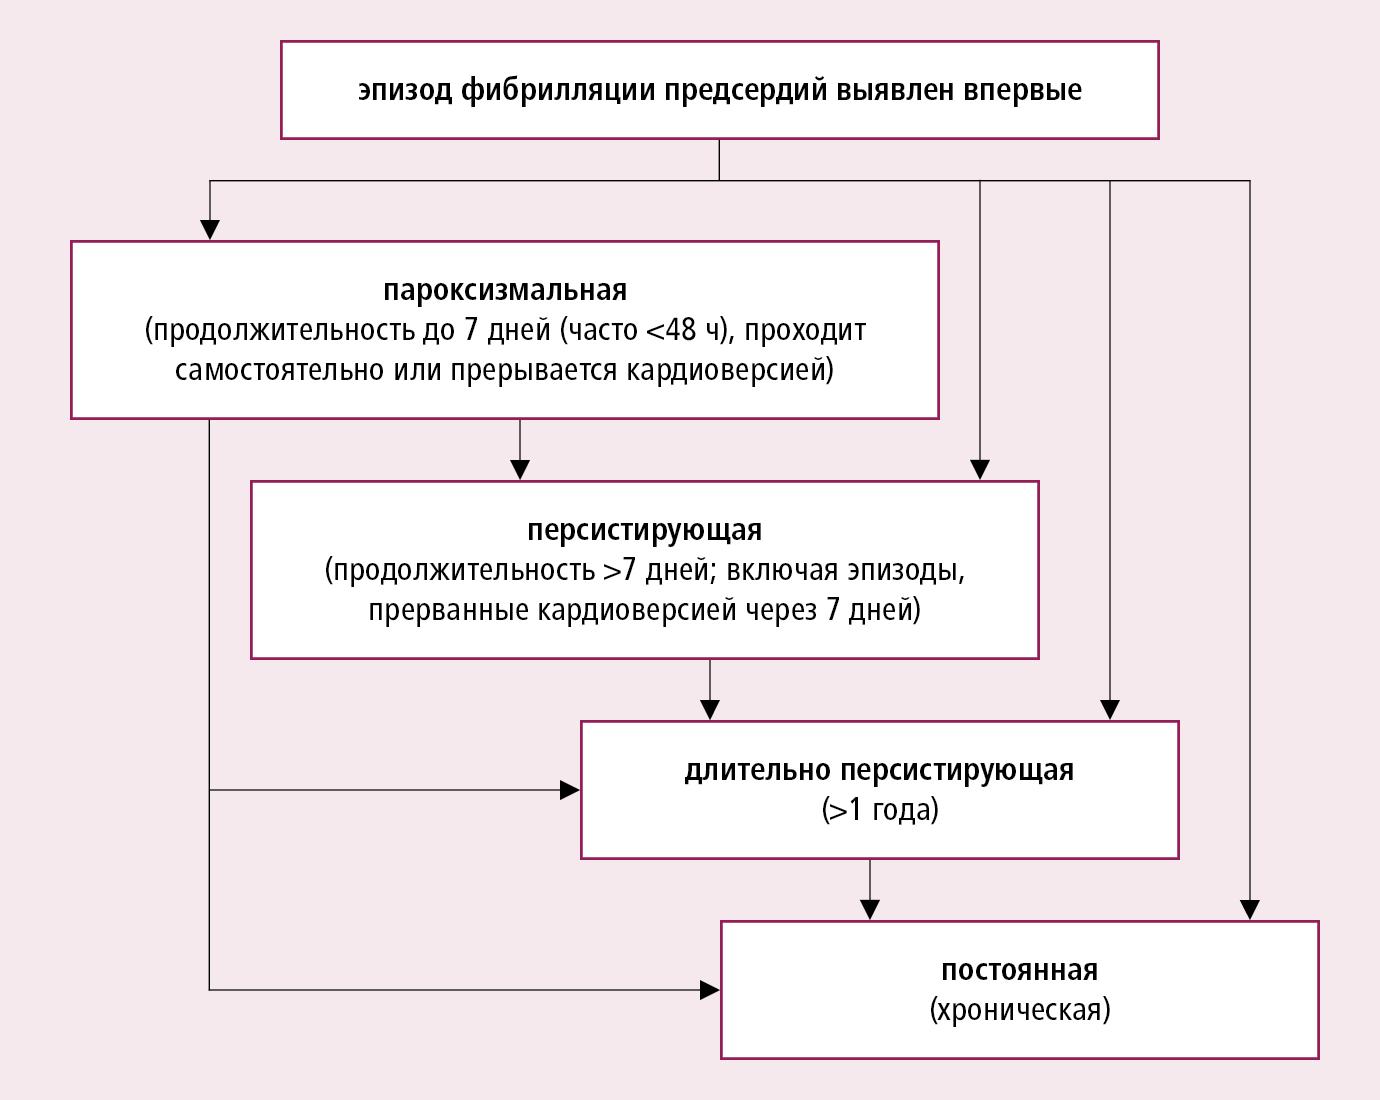 Классификация фибрилляции предсердий